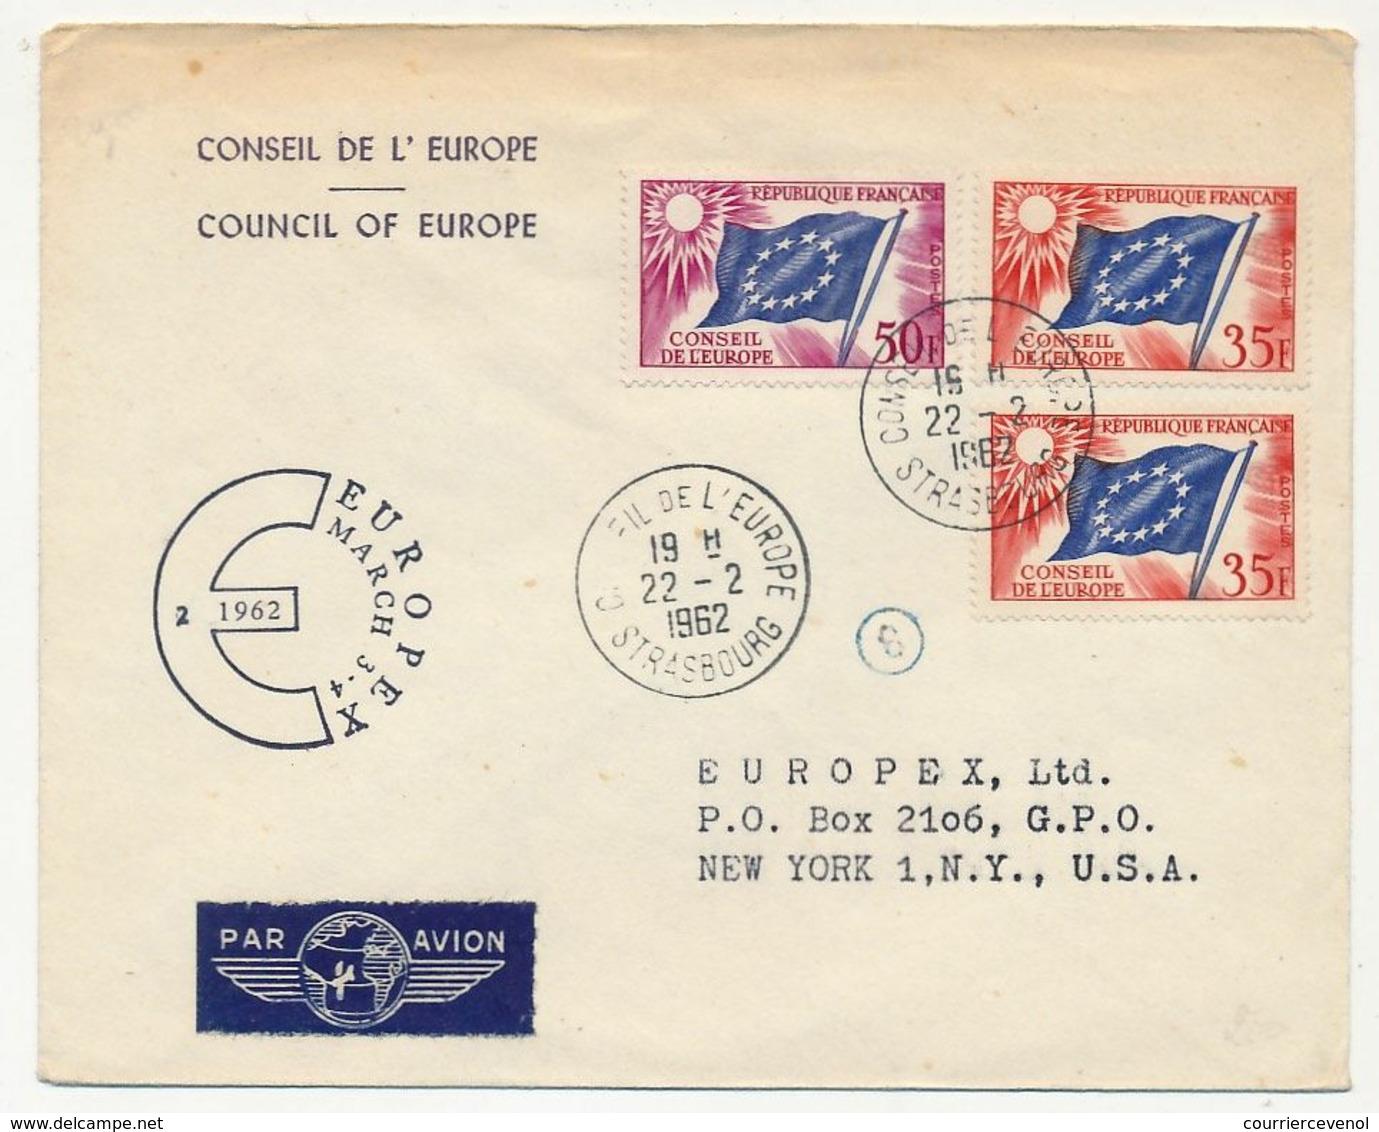 FRANCE - Env Reco, Affr 35F X2, 50F Drapeau - Conseil De L'Europe 22/2/1962 - Pour USA - EUROPEX March 3-4-1962 + Puce 8 - Lettres & Documents